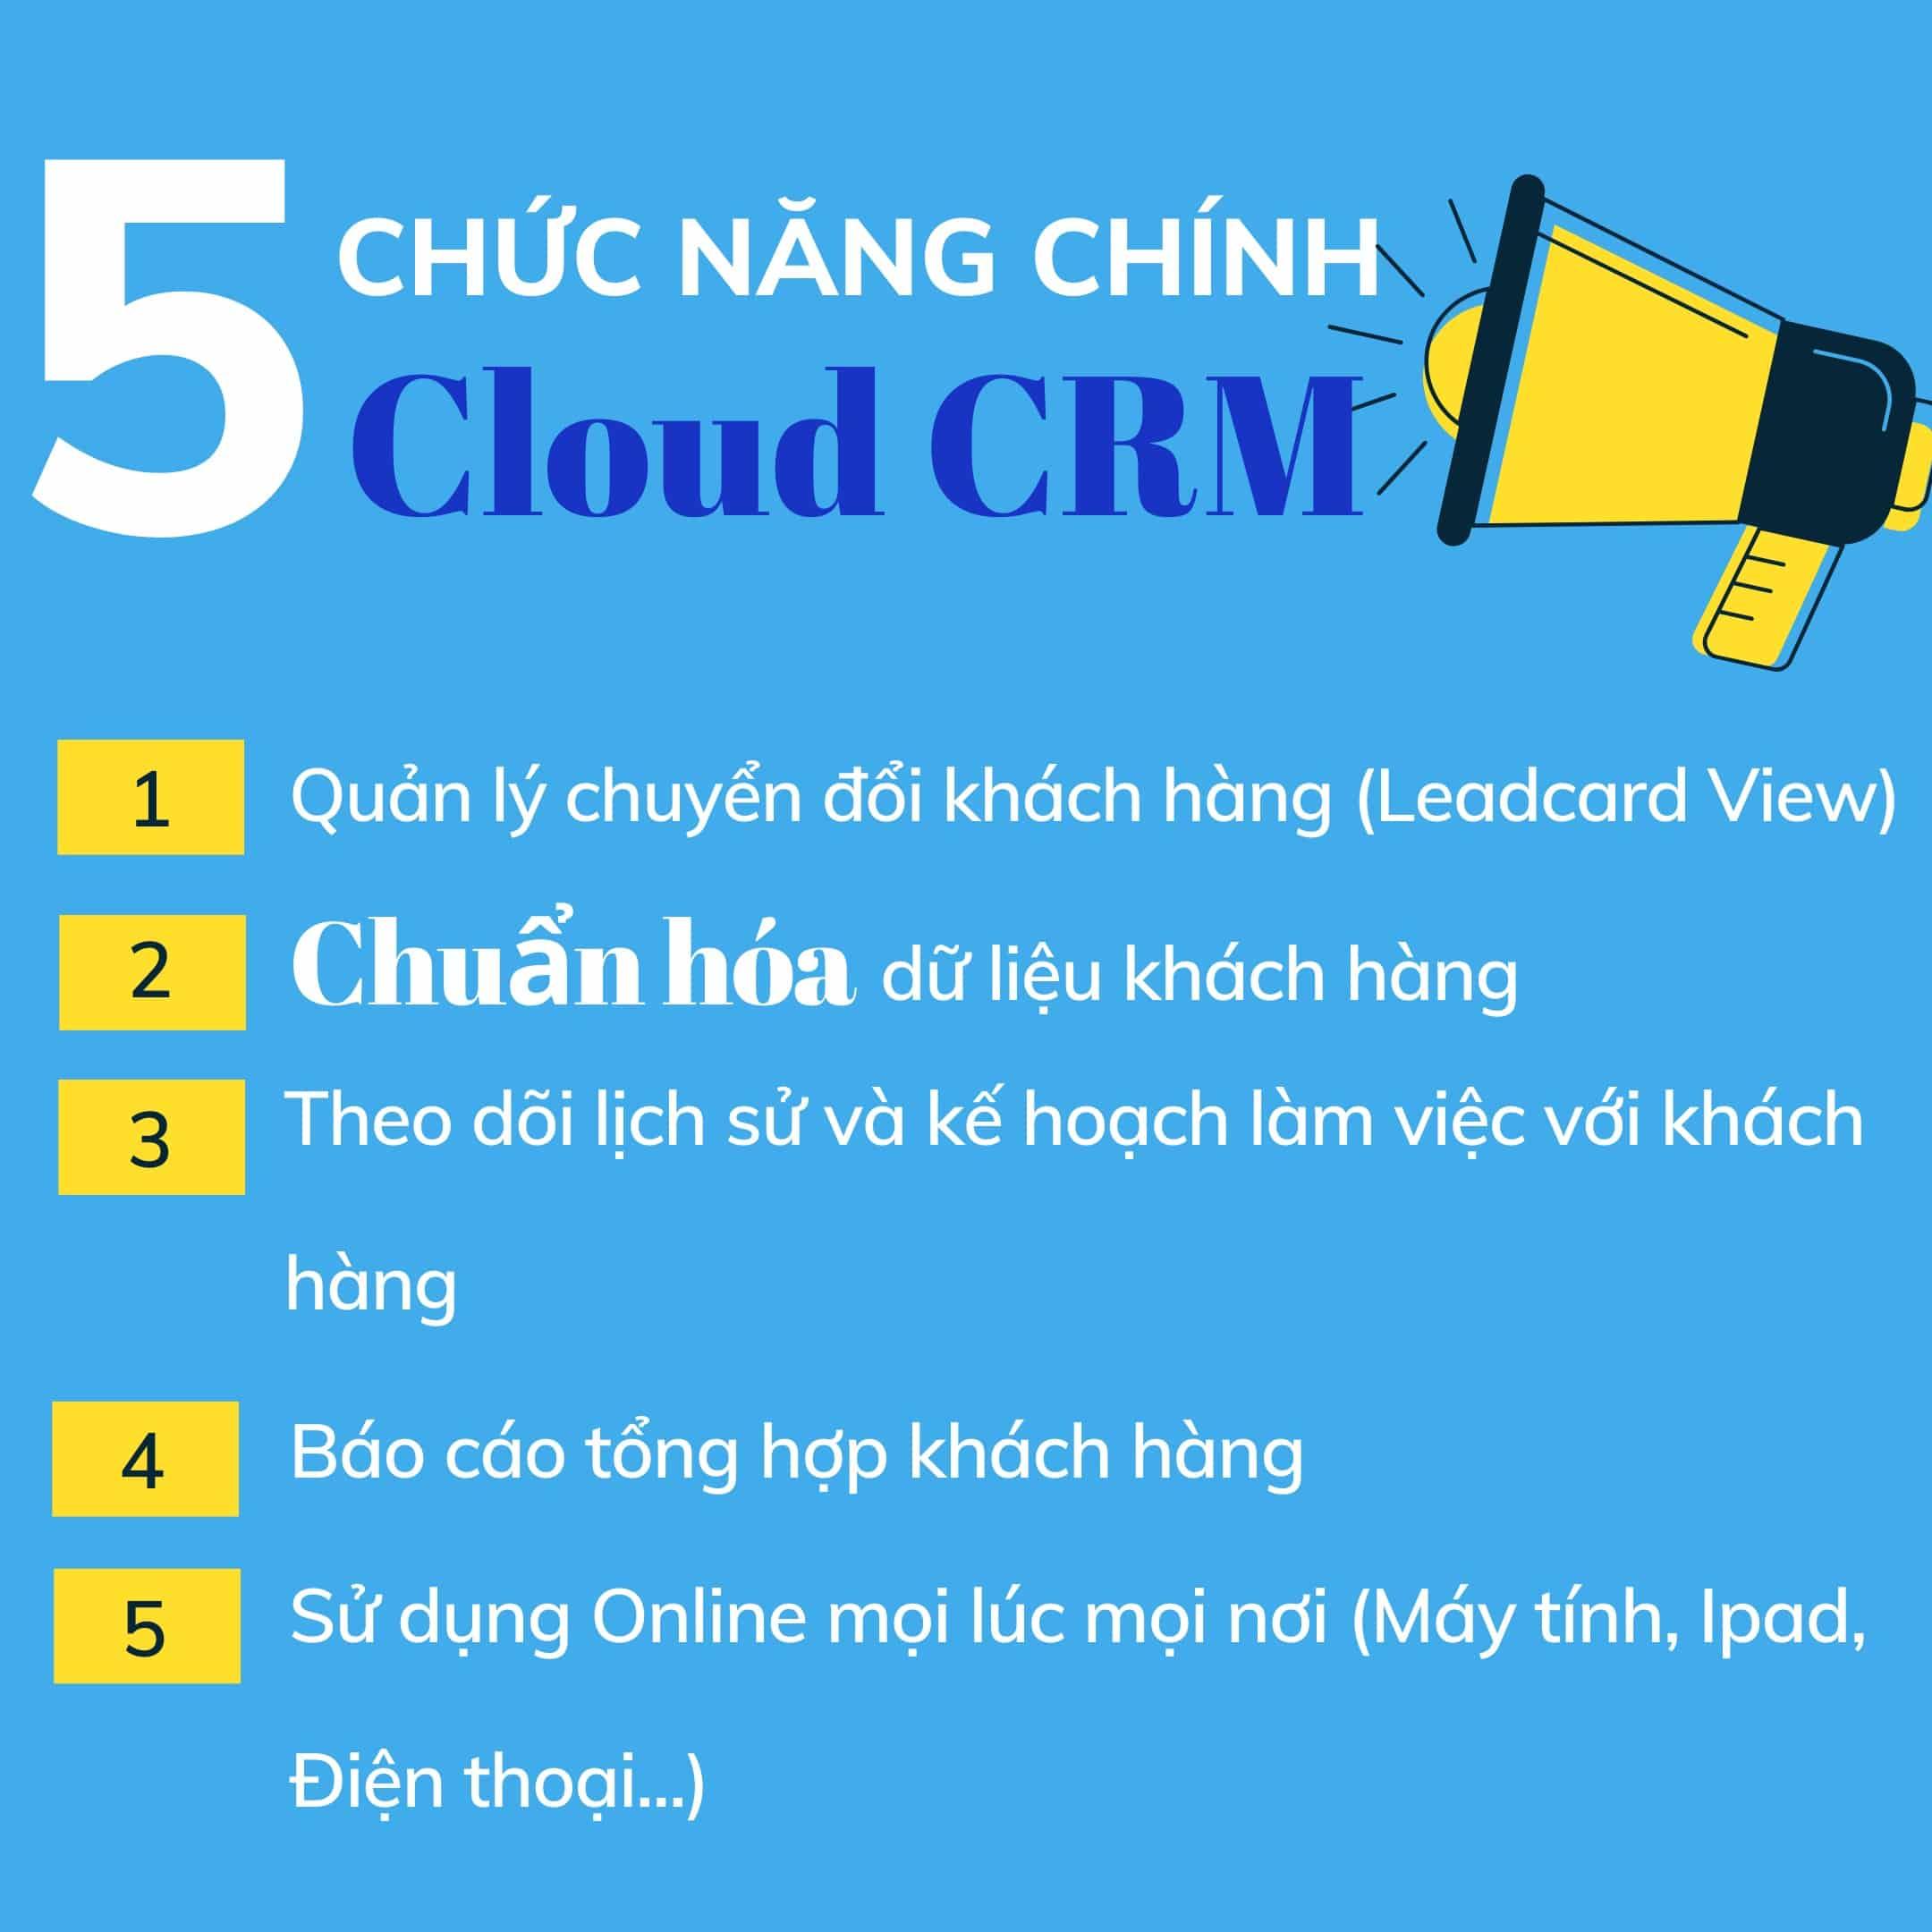 Cho thuê công cụ quản lý khách hàng CRM